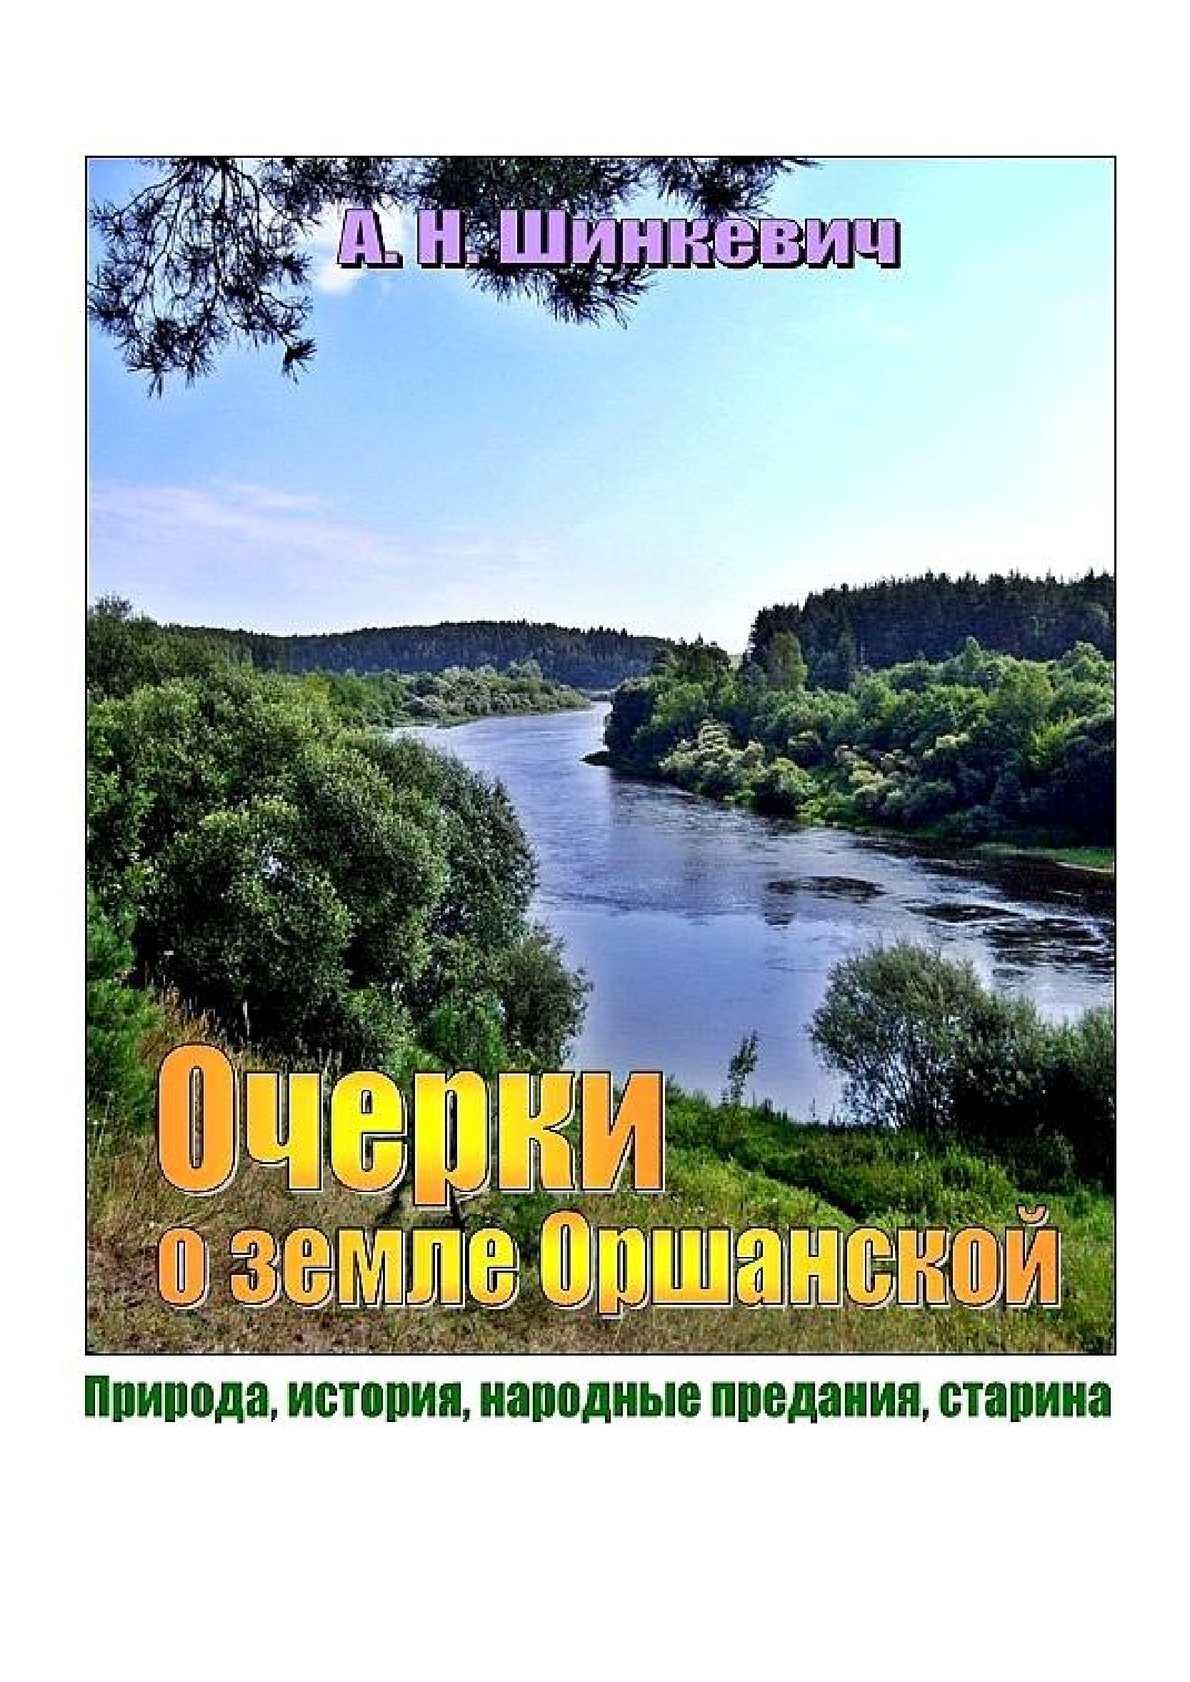 2013_Очерки о земле Оршанской_01